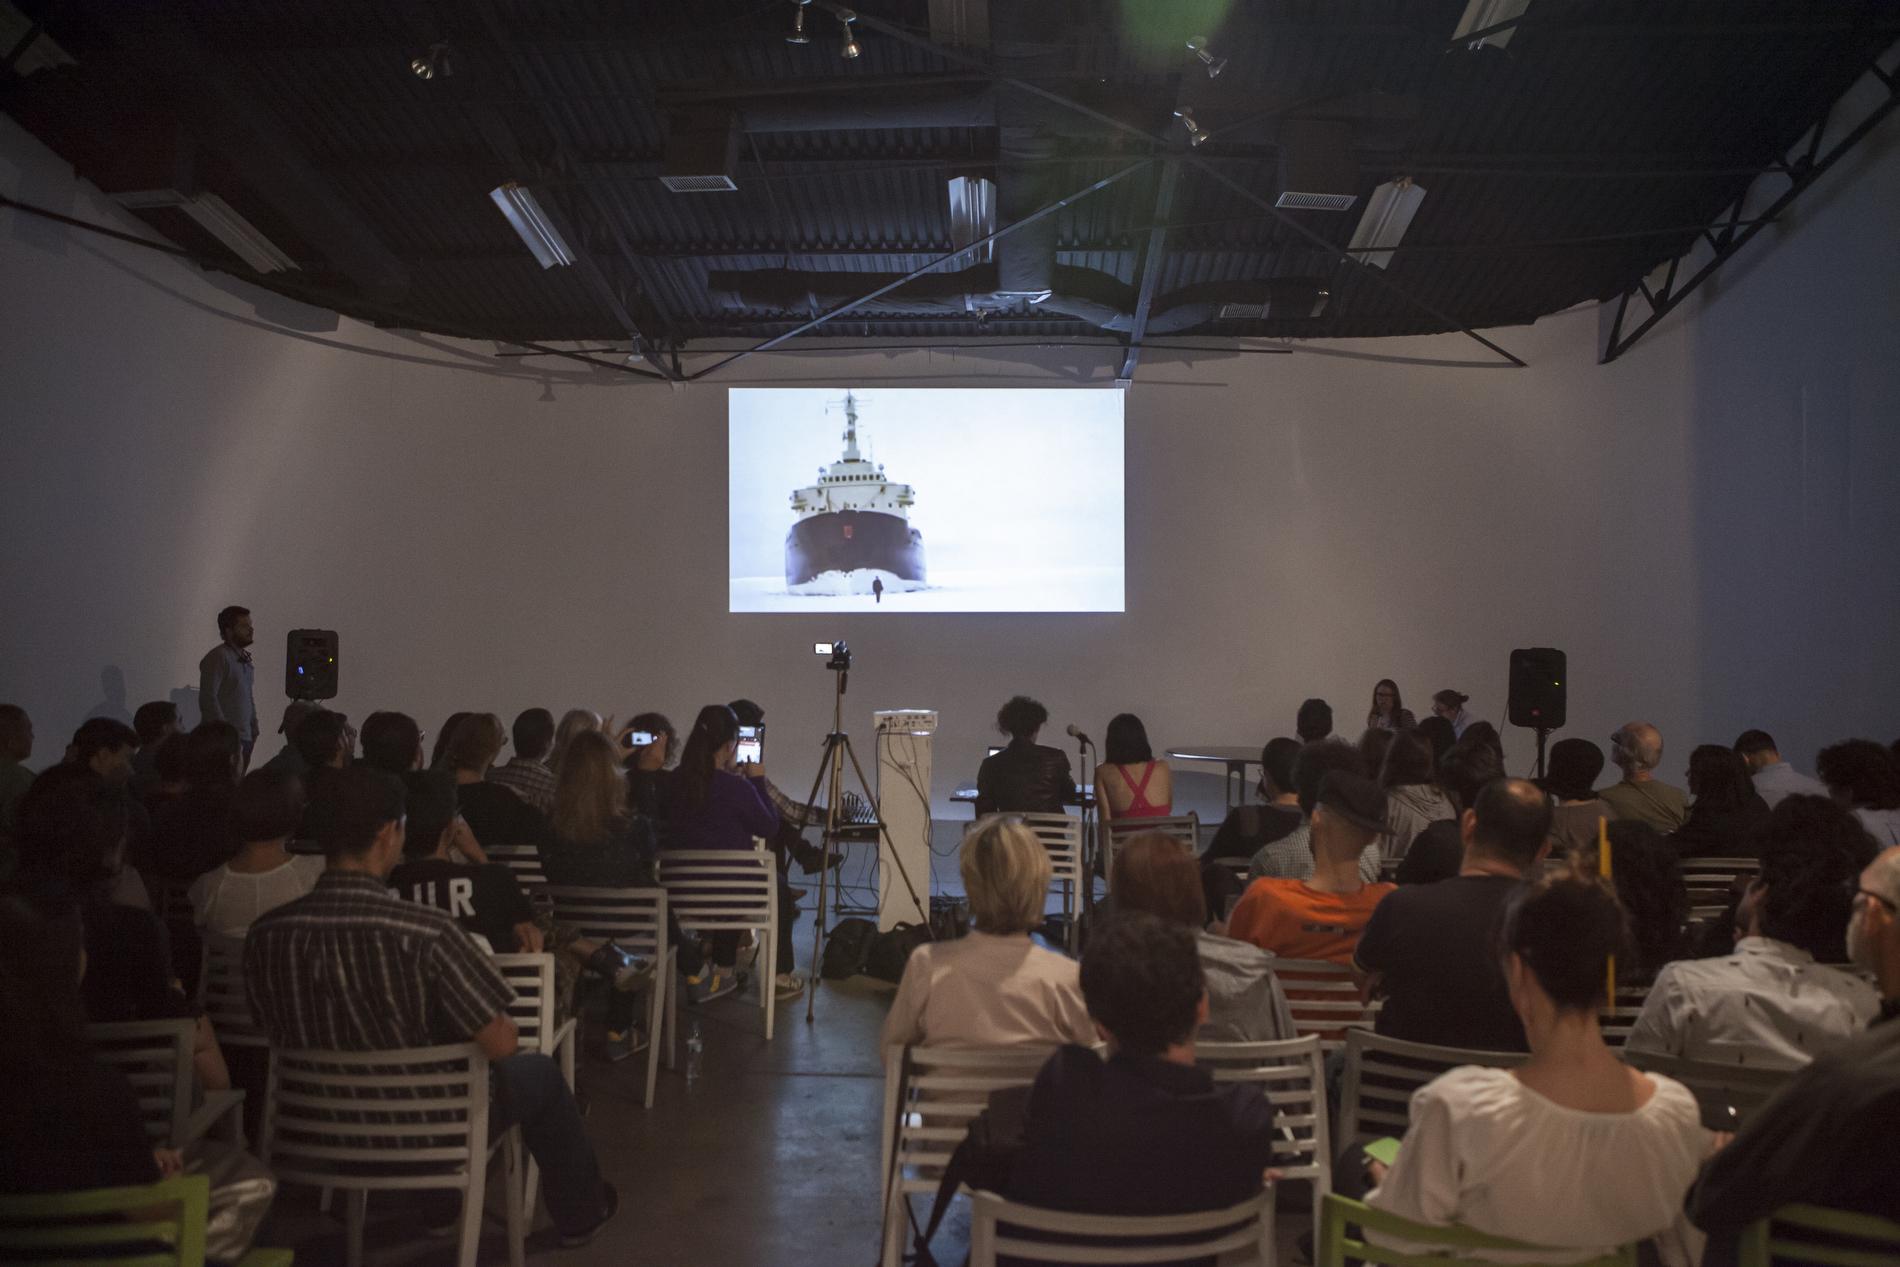 Charla Best of Now de Kelly Gordon en G17 del Centro de Arte Los Galpones. Fotografía Vladimir Marcano.